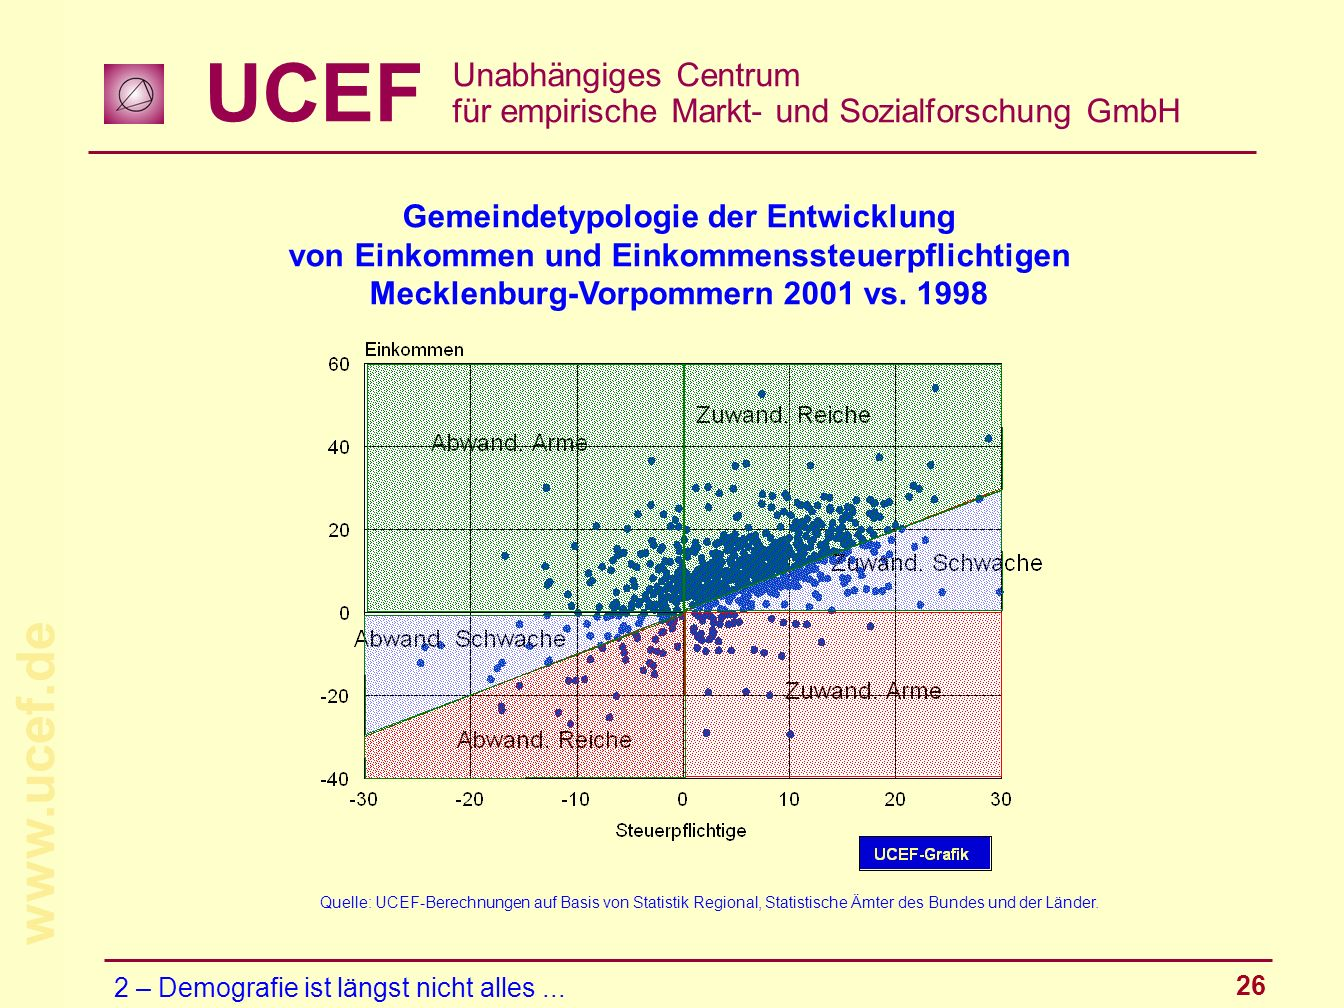 UCEF Unabhängiges Centrum für empirische Markt- und Sozialforschung GmbH www.ucef.de 26 Gemeindetypologie der Entwicklung von Einkommen und Einkommens